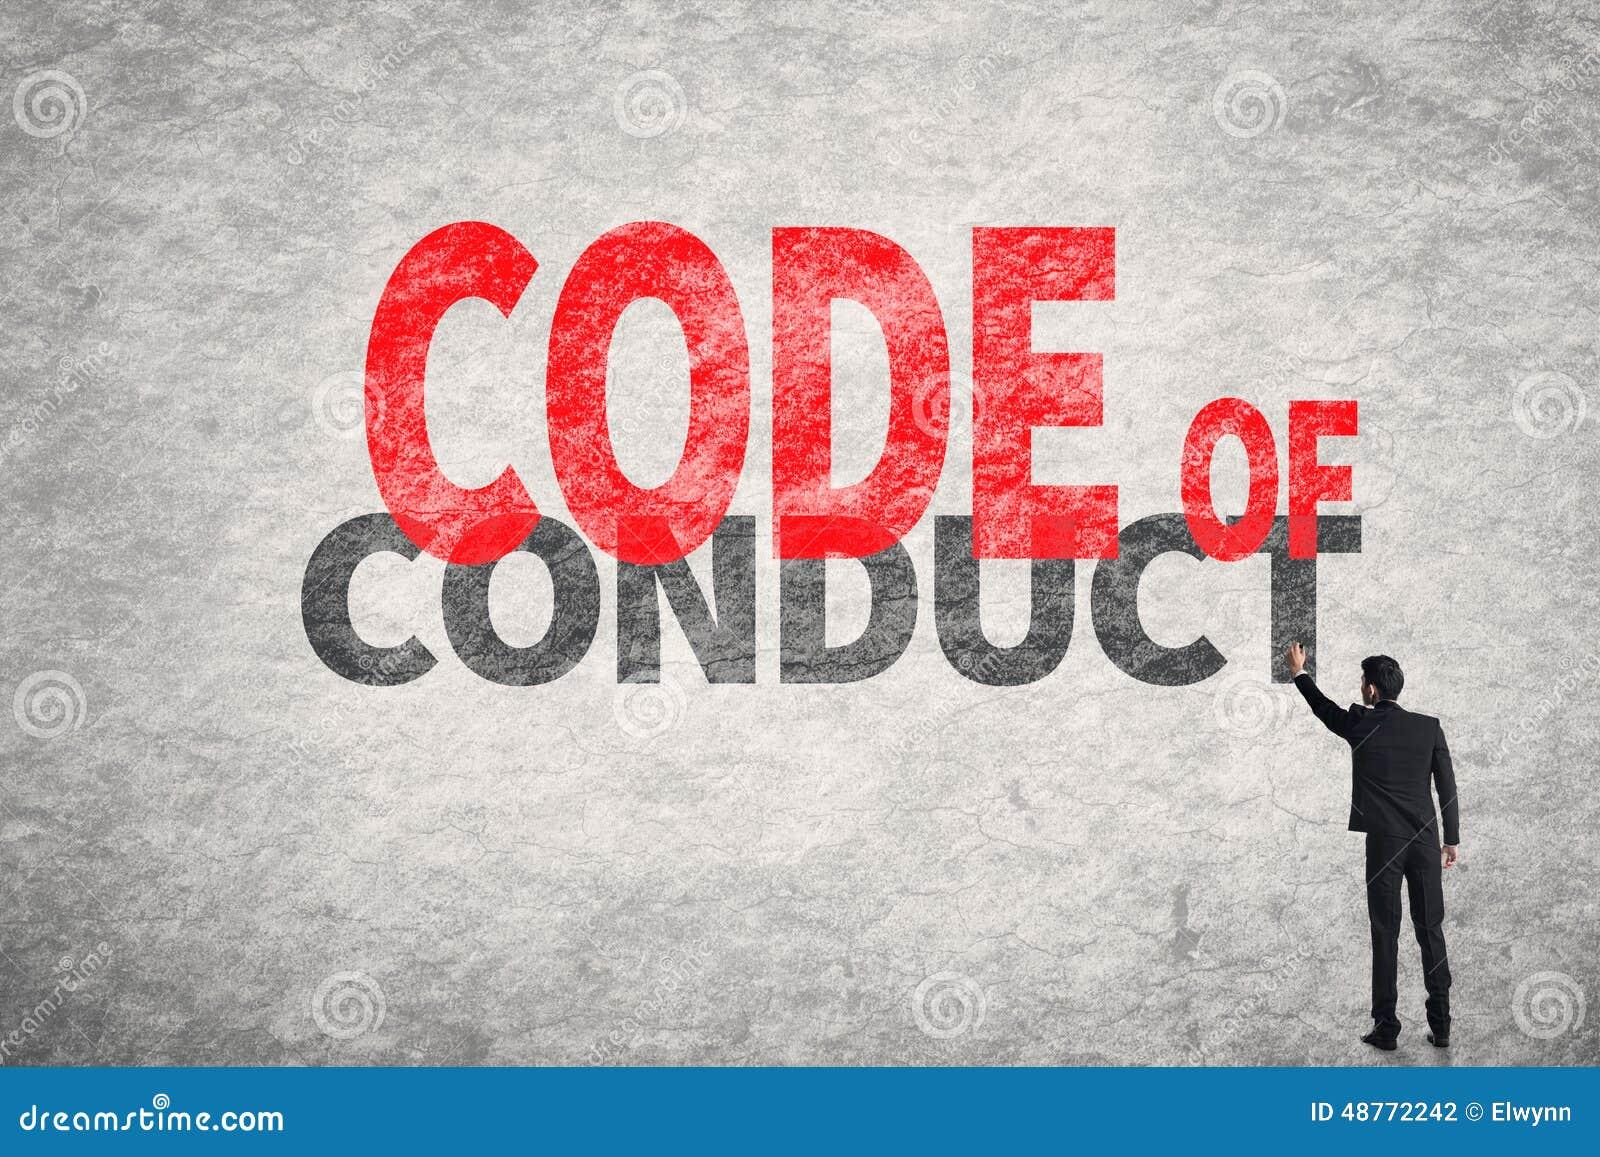 Código de conducta